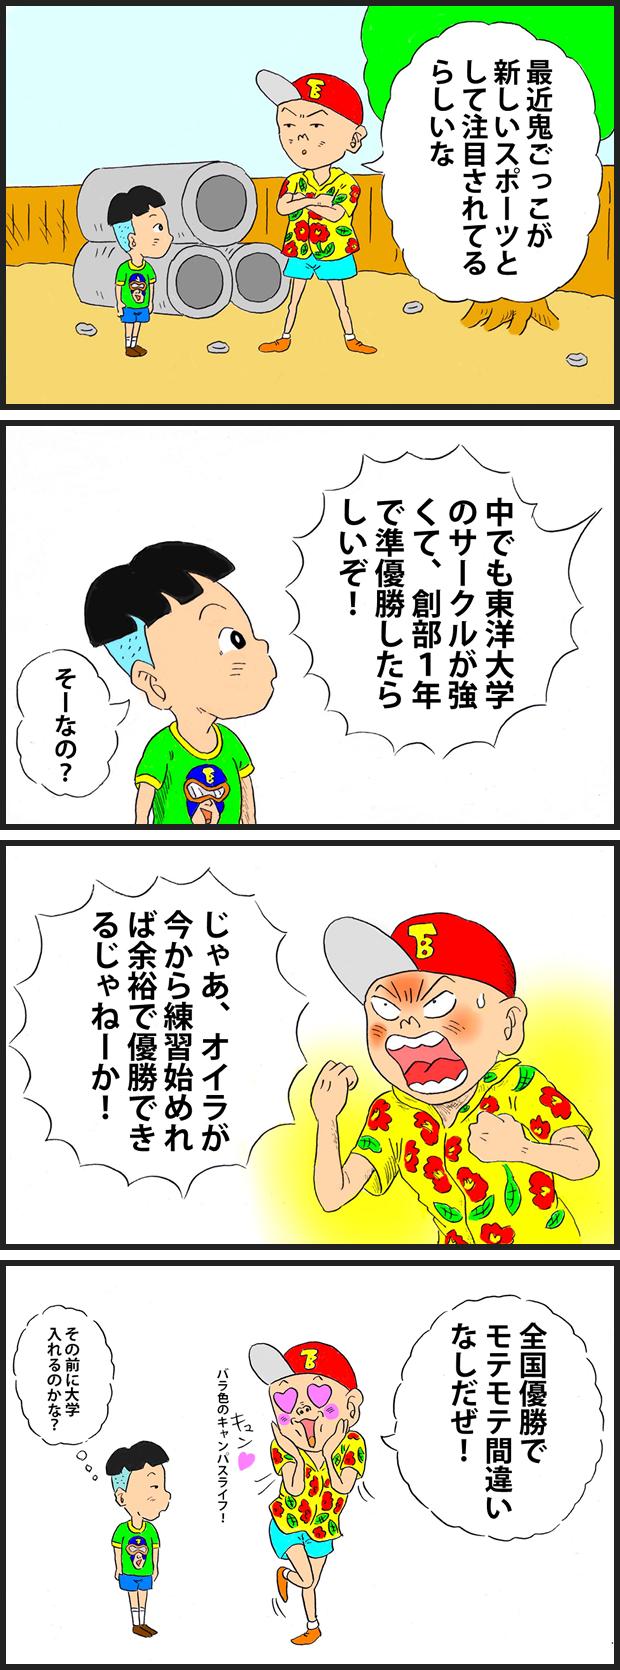 058 スポーツ鬼ごっこ